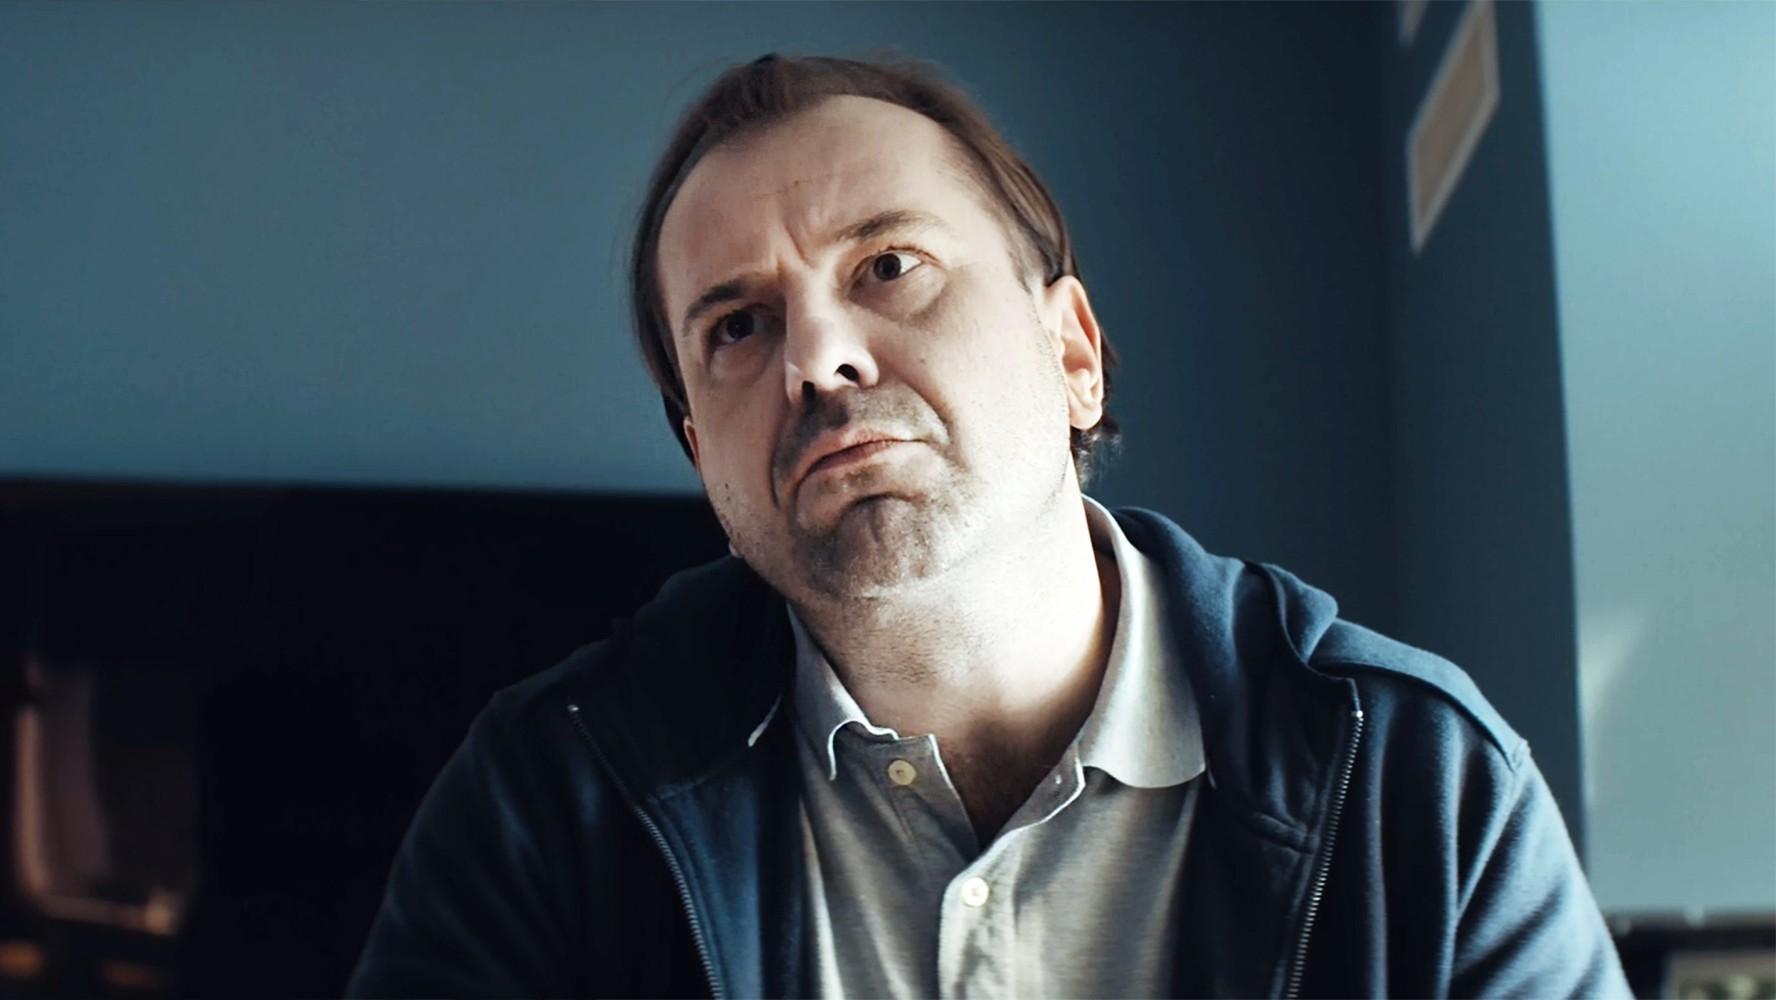 """""""Domowe rozgrywki"""" - odcinek 8, sezon 2: Specjalna zachęta"""